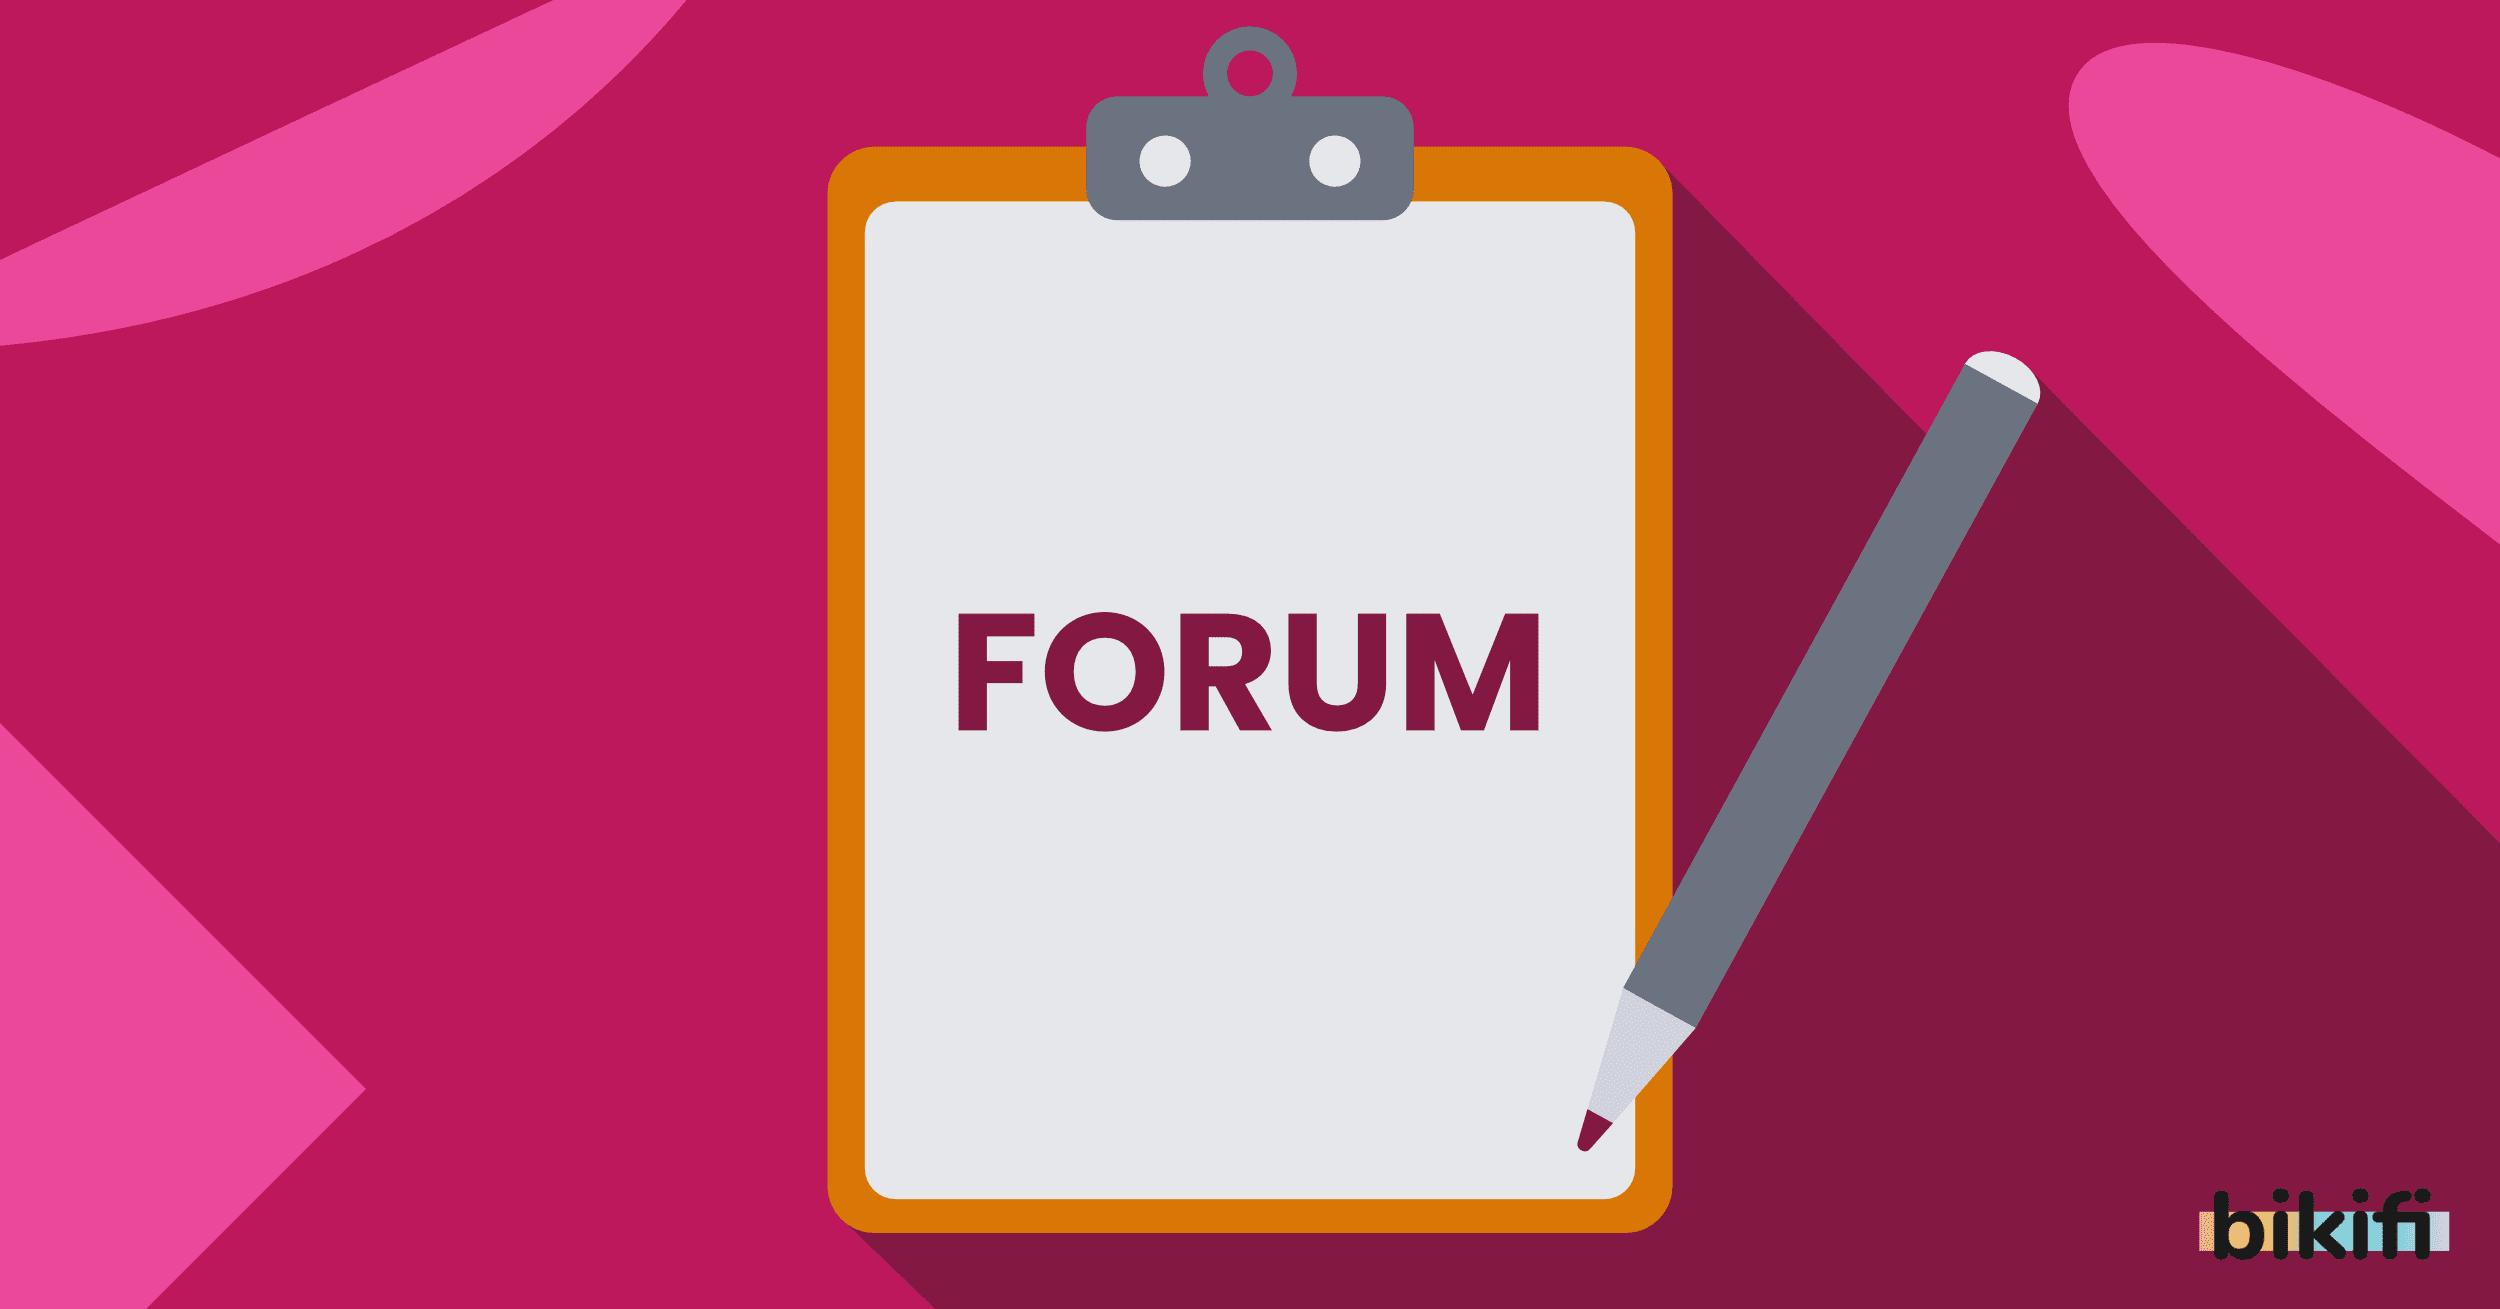 Forum Nedir? Forumun Özellikleri